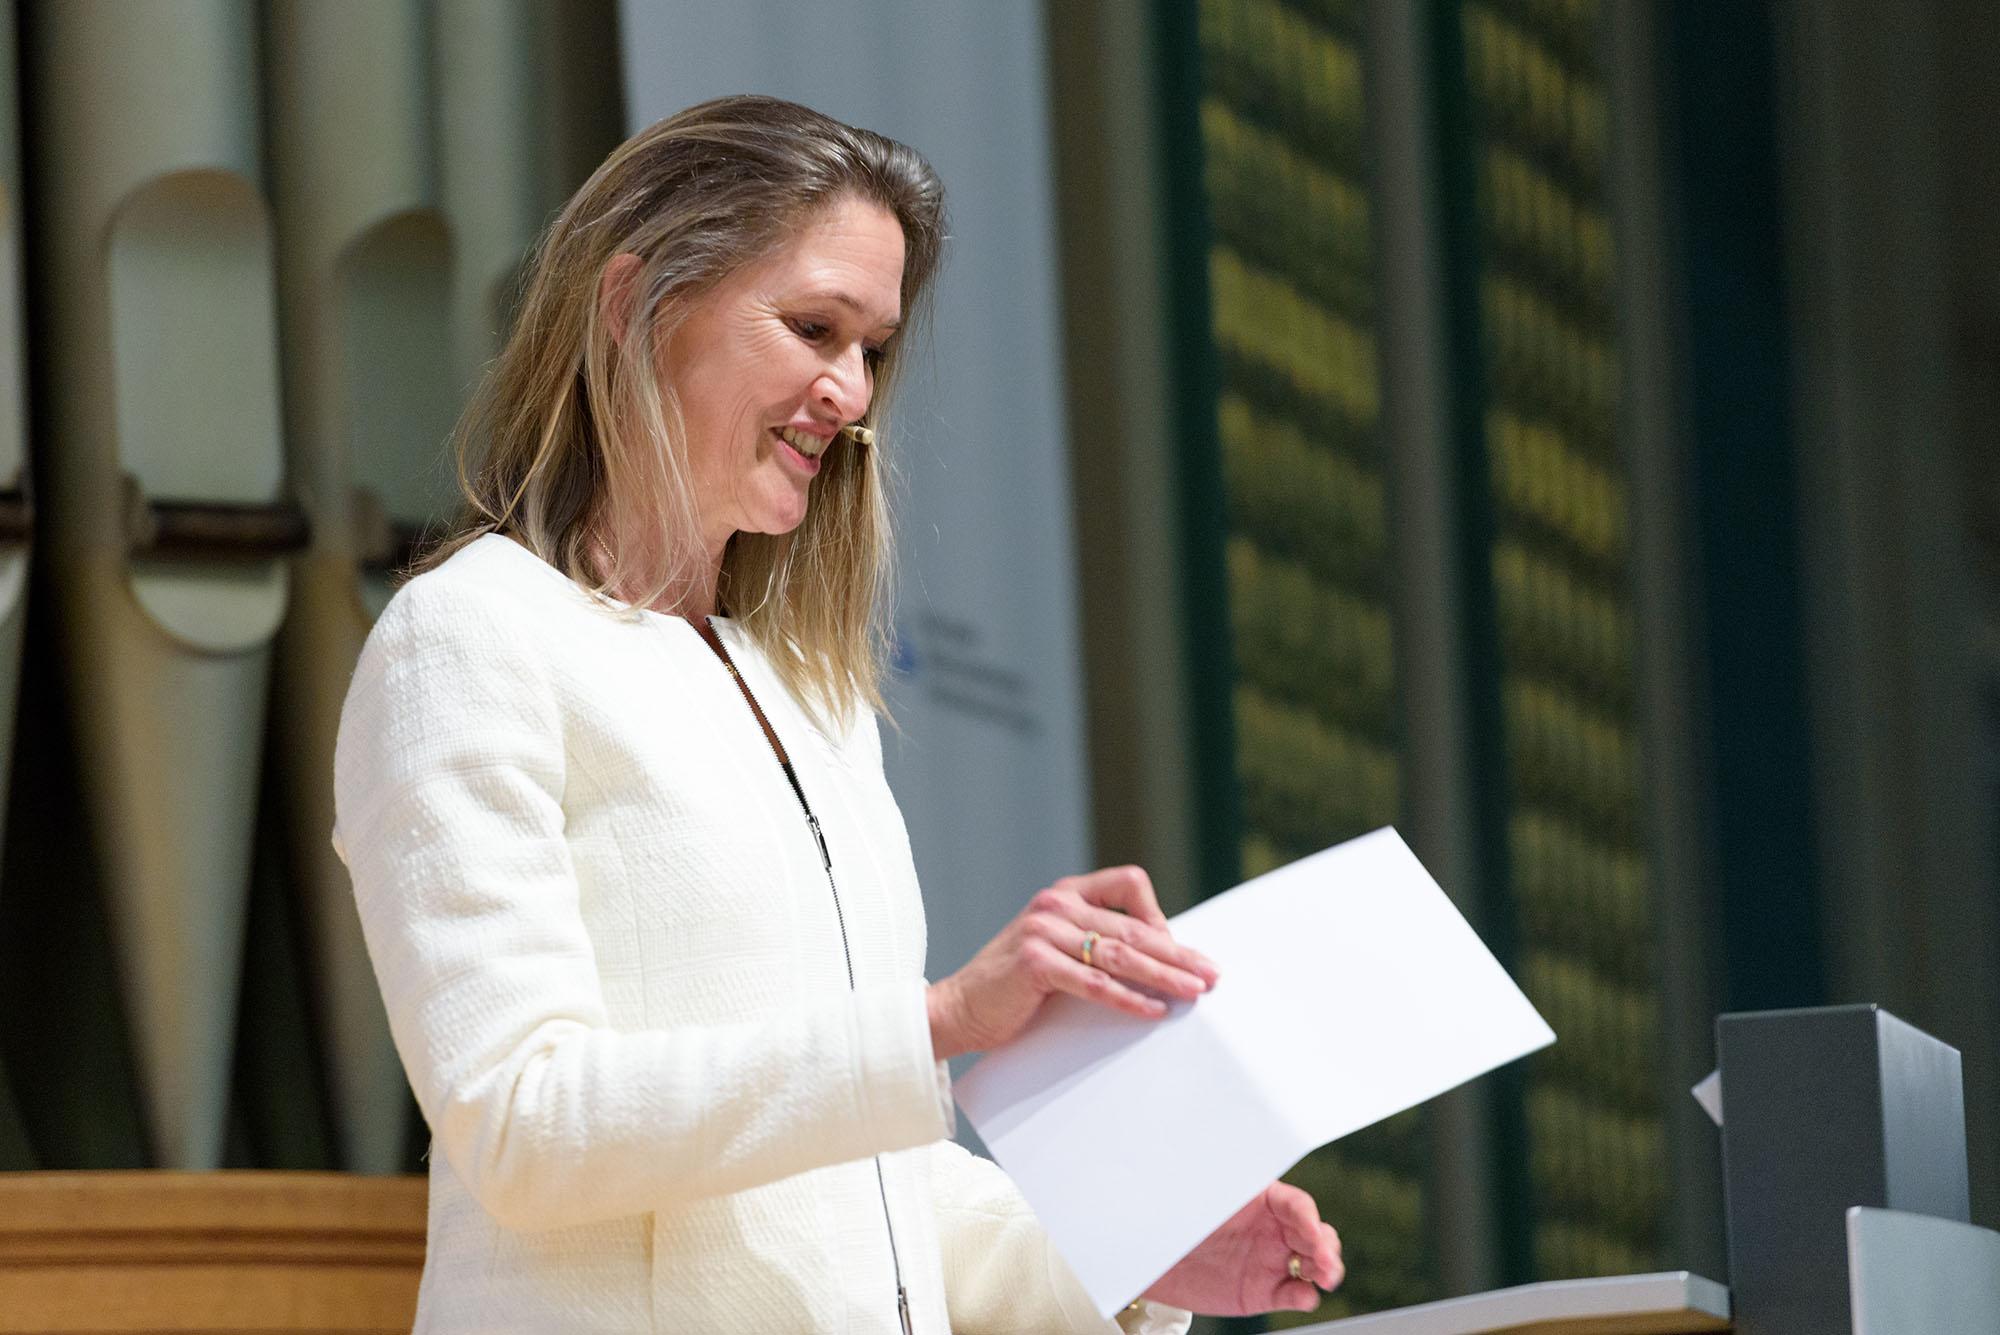 Anne Luwema, Botschafterin des Königreichs der Niederlande in der Schweiz